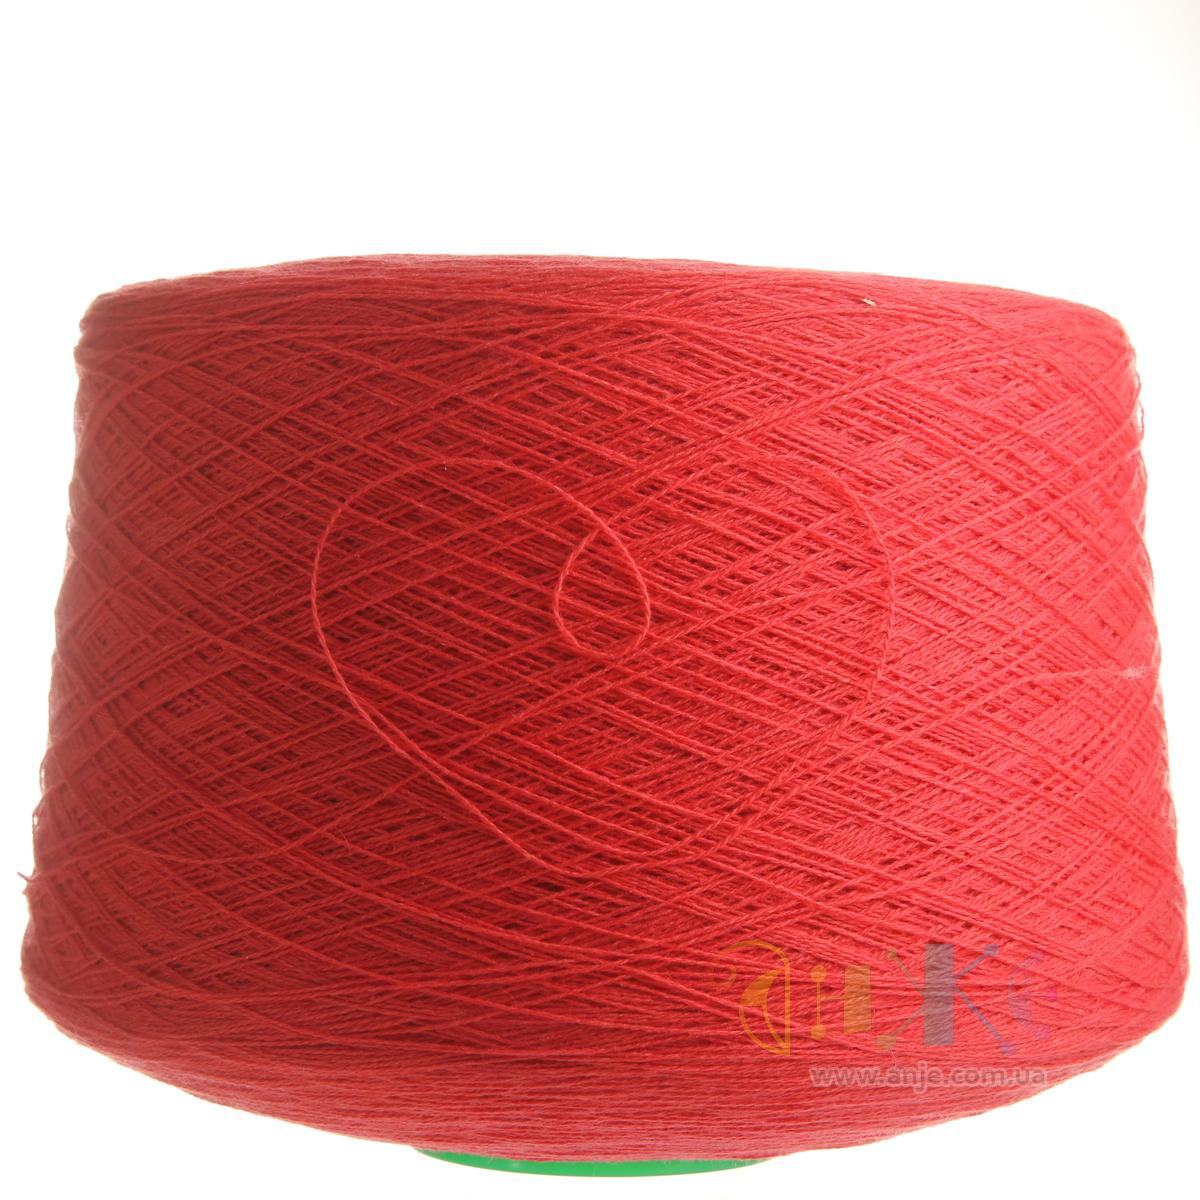 Женские кофты вязание регланом